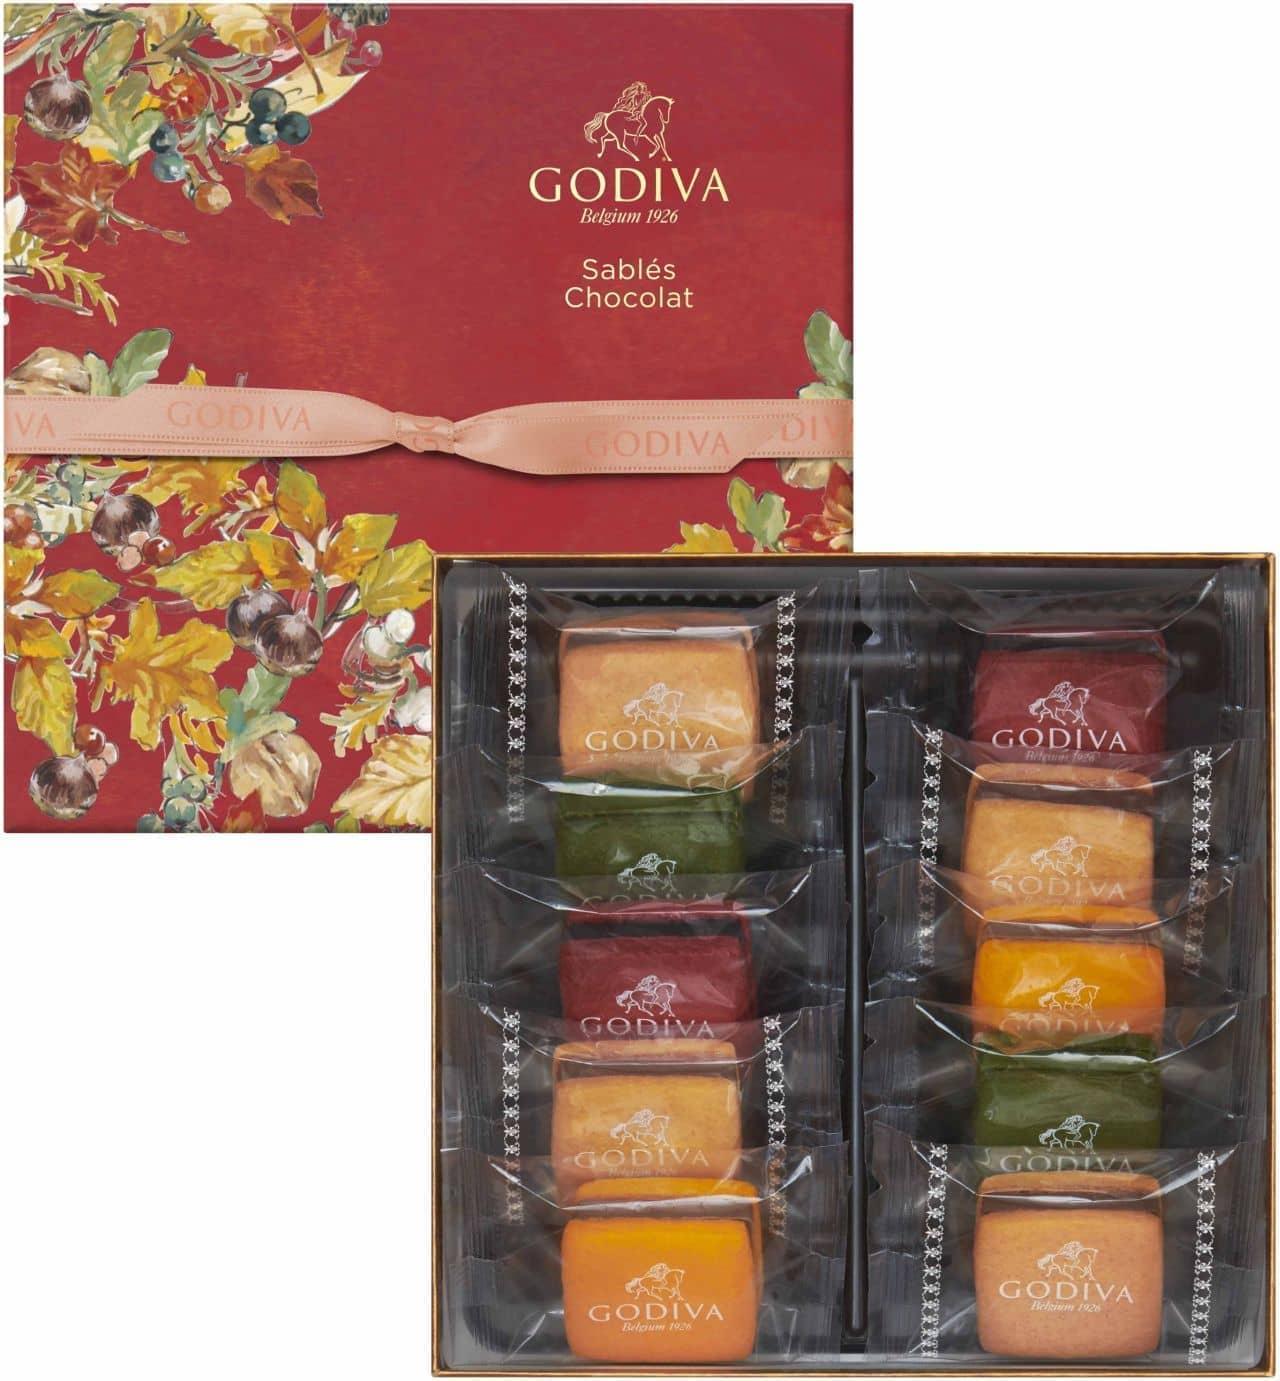 ゴディバ オータム コレクション サブレショコラ